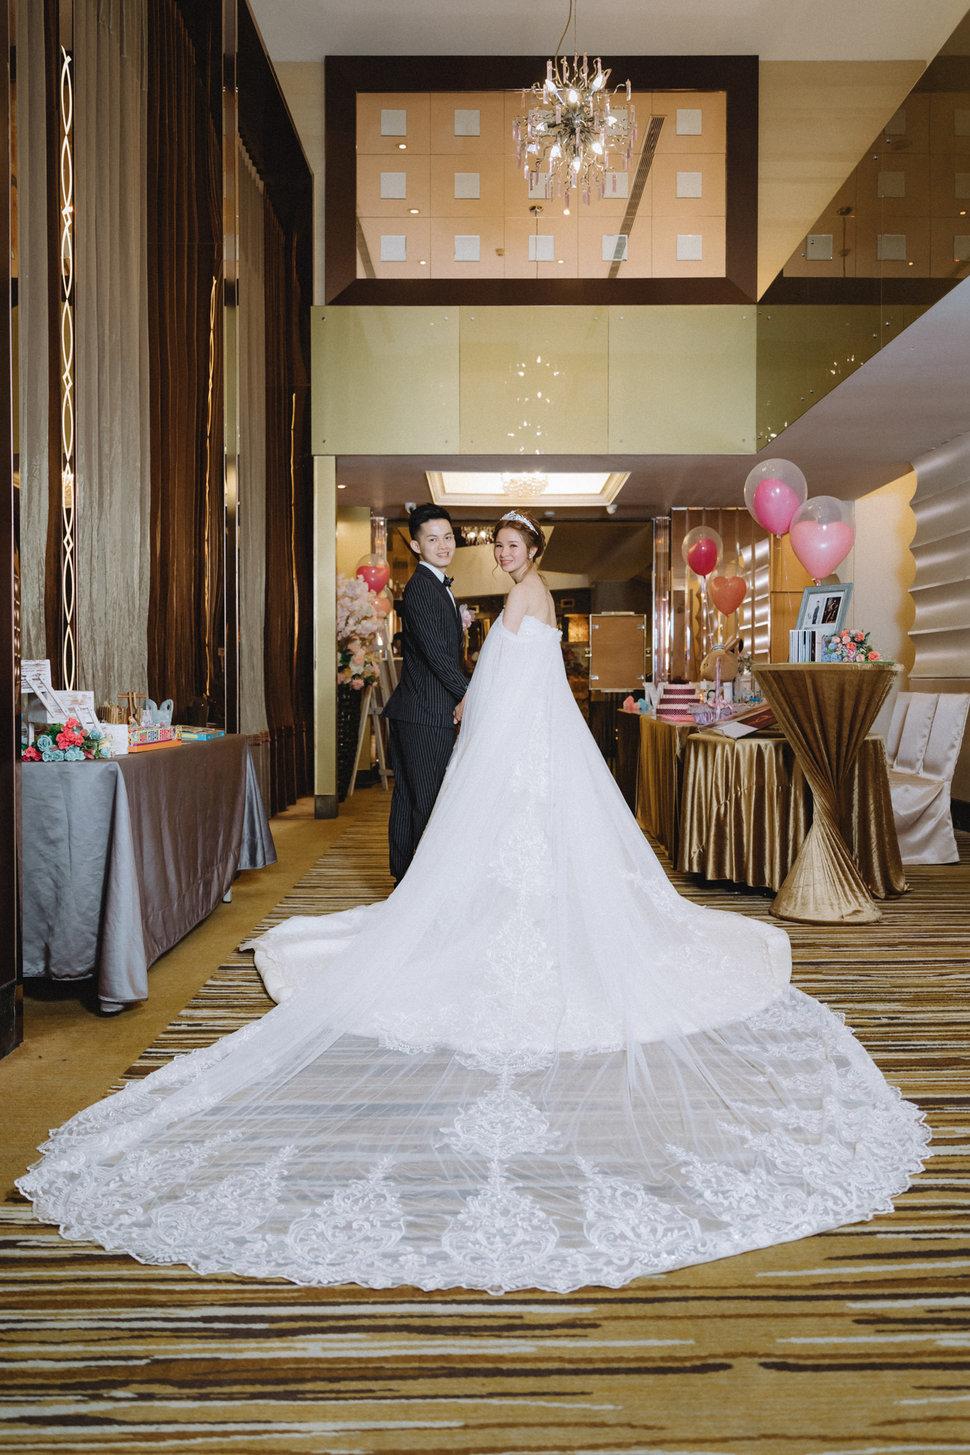 JEFF0434 - jeffphotography - 結婚吧